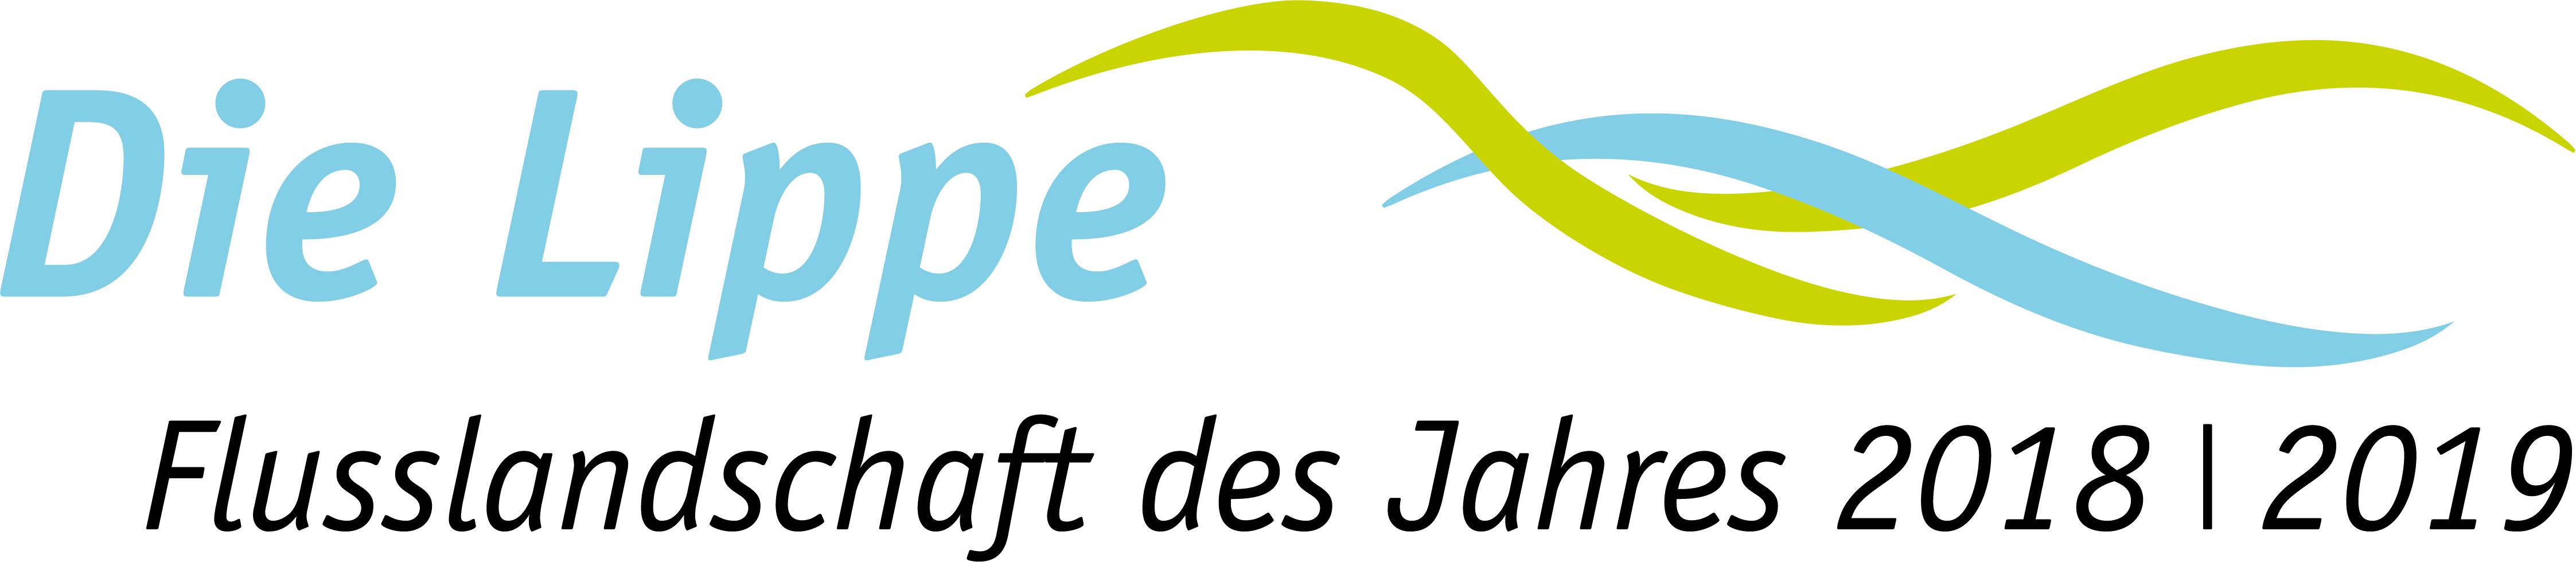 logo_lippe_flusslanschaft_des_jahres_mit